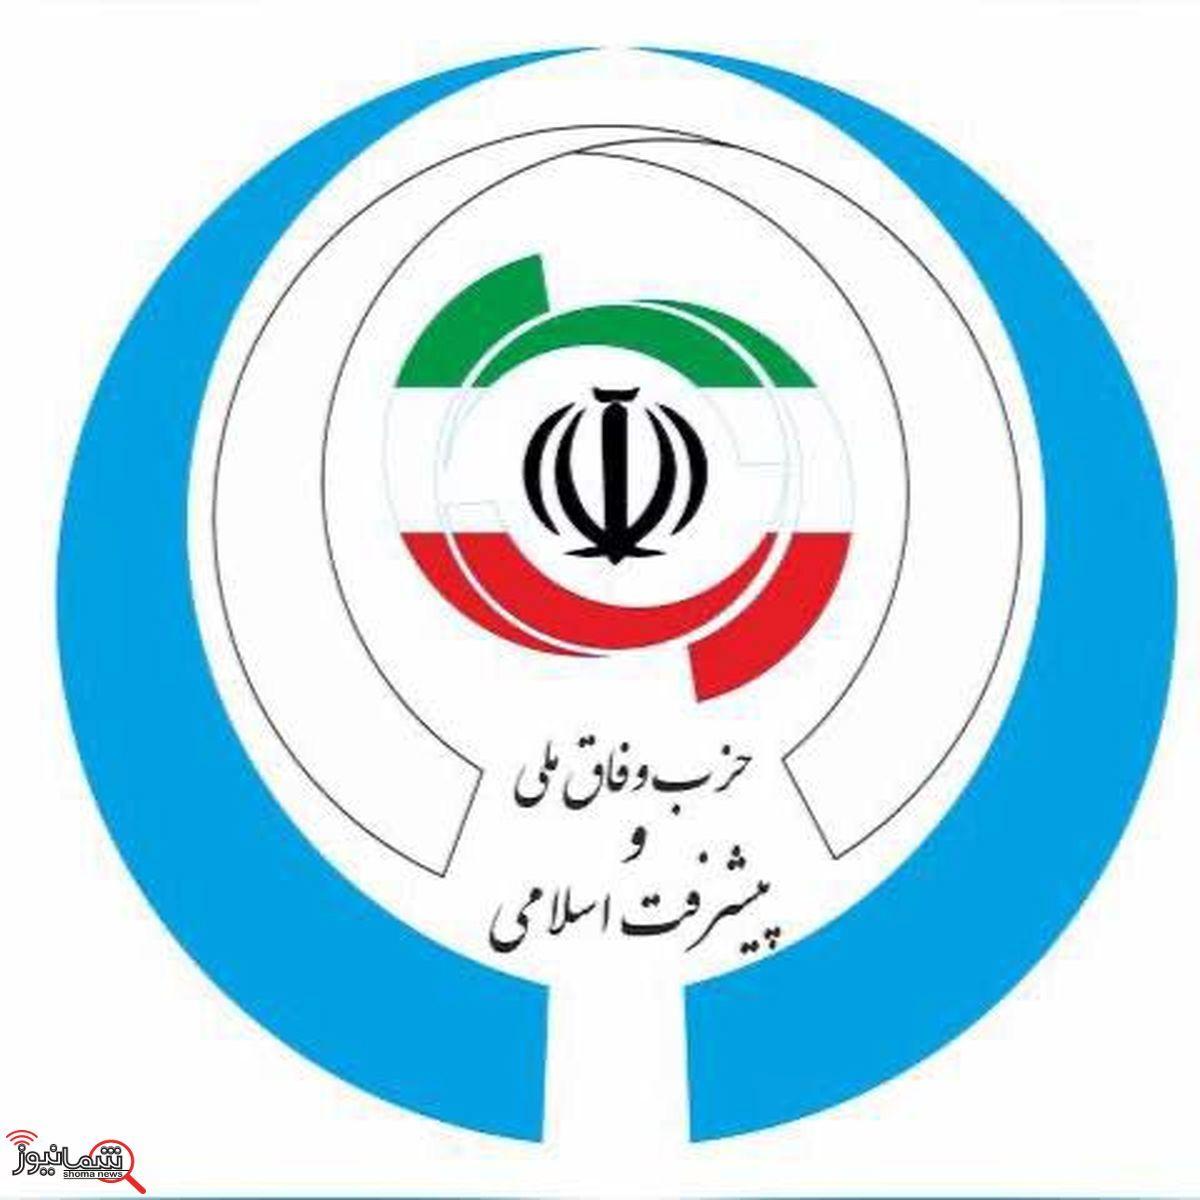 ملت ایران در 28 خرداد مسیر نوینی را در تحقق گام دوم انقلاب رقم خواهند زد